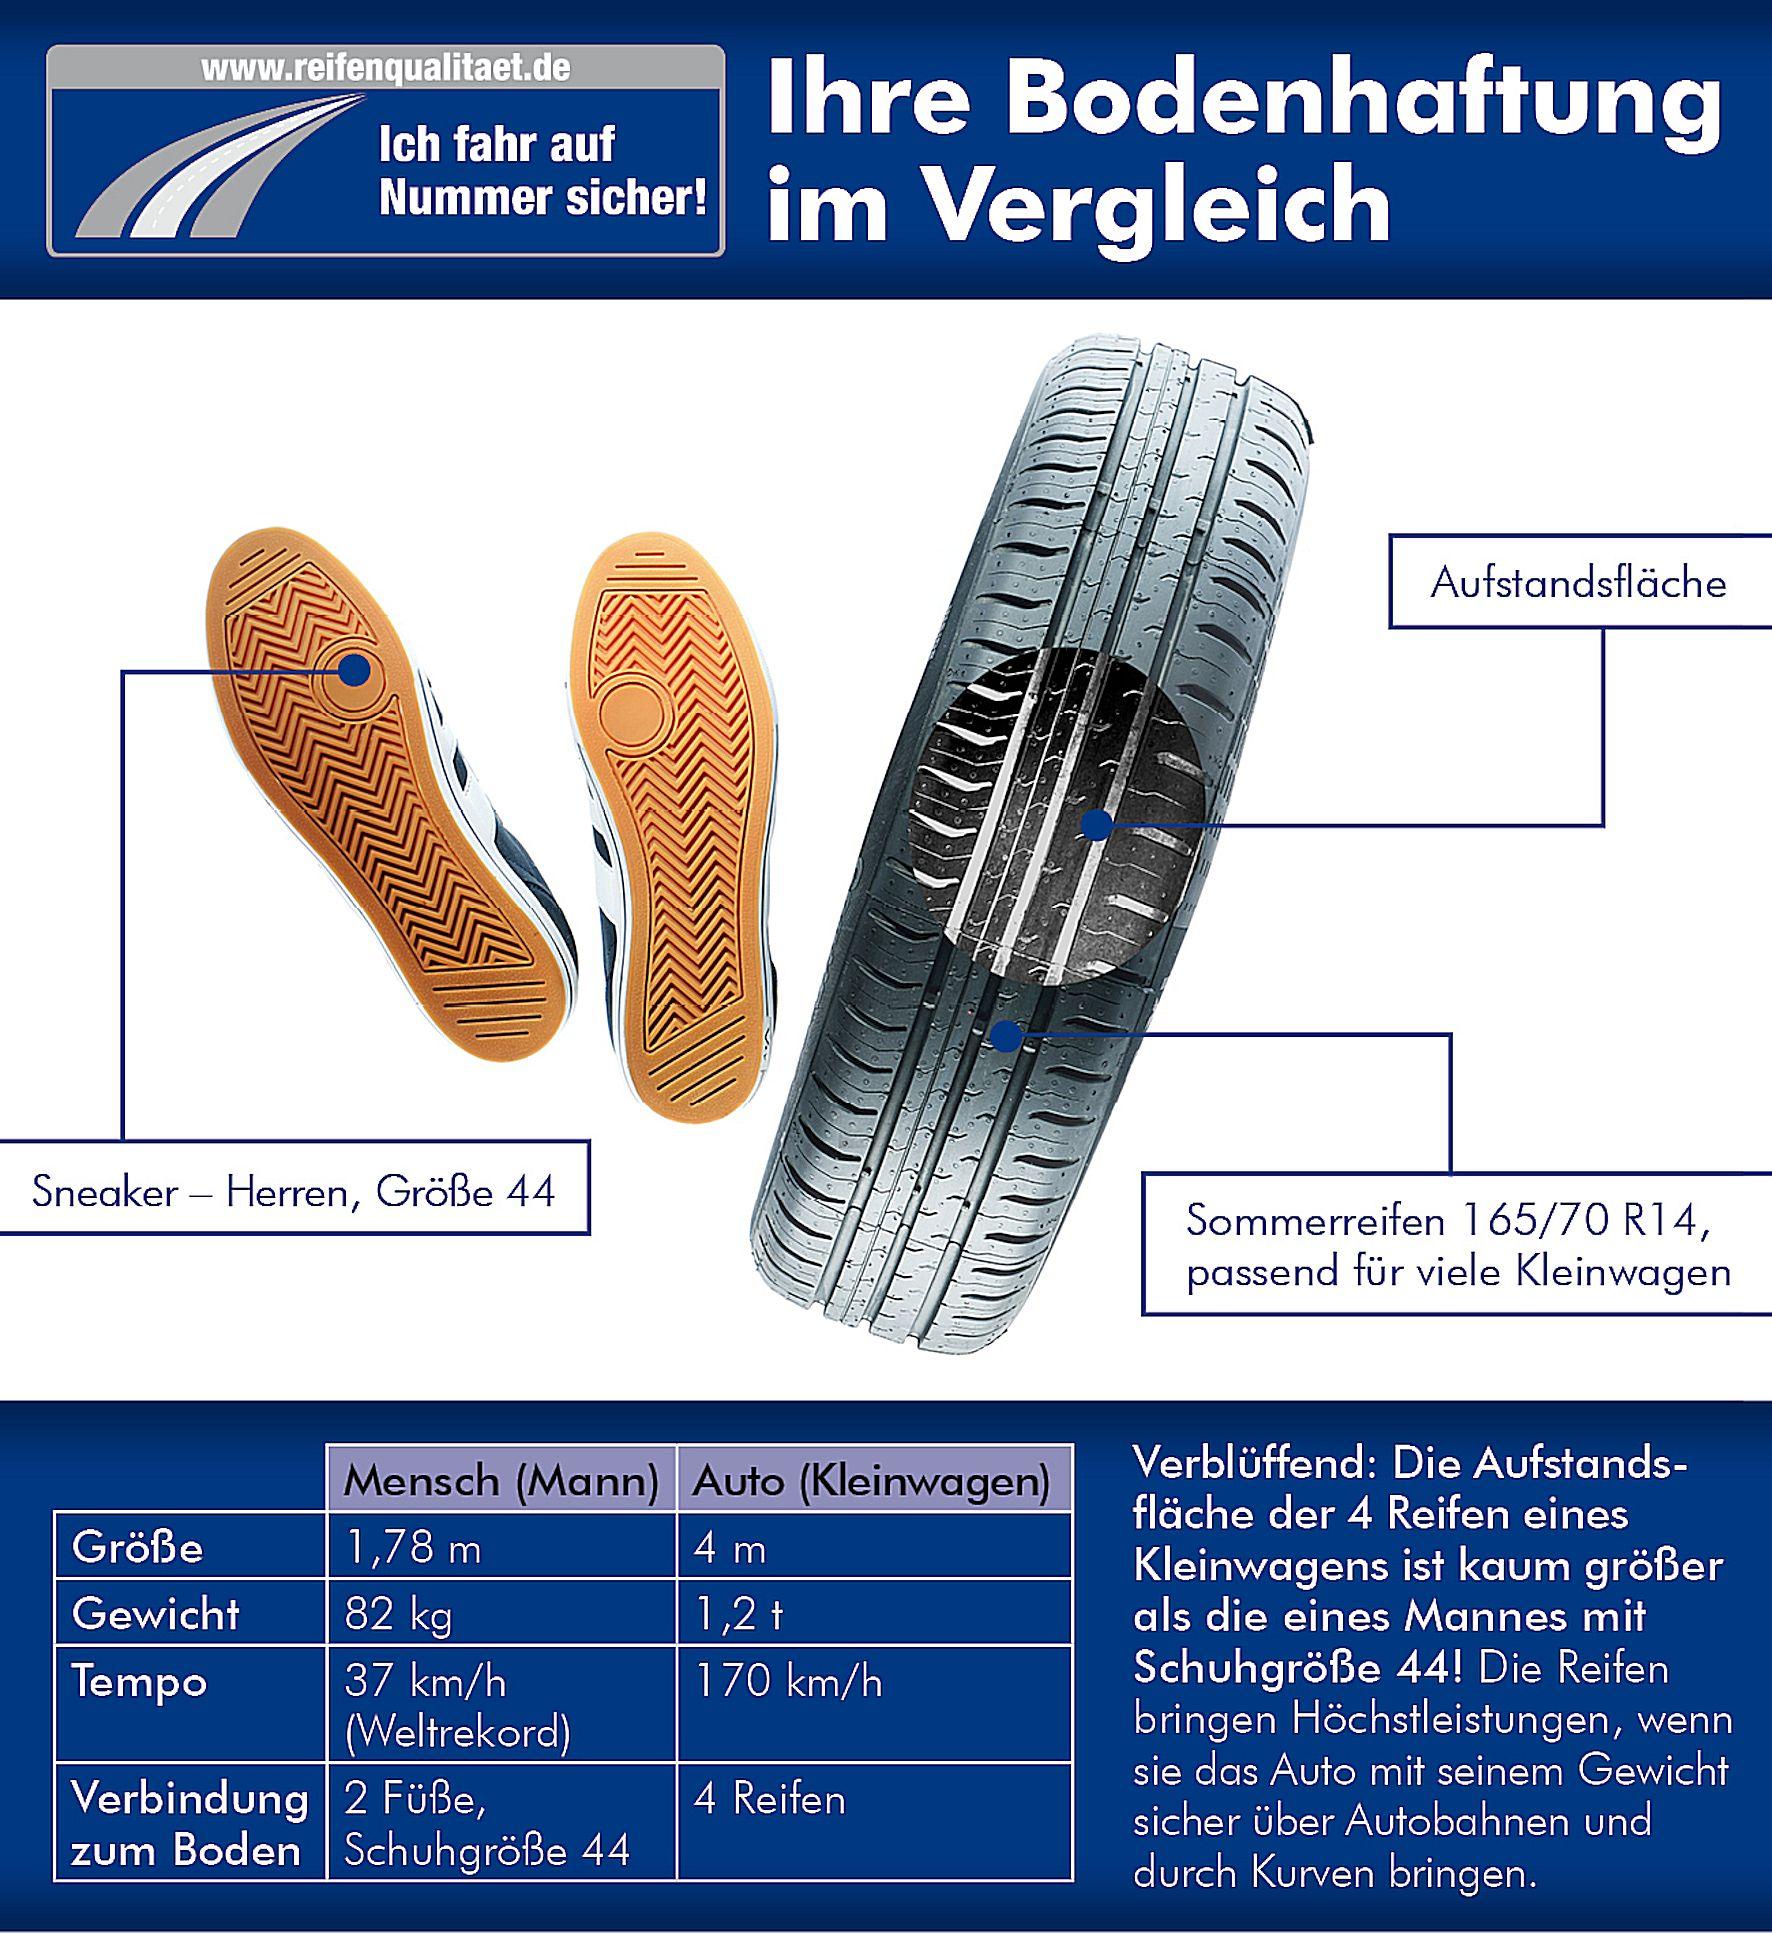 mid Groß-Gerau - Der Blick auf die Aufstandsflächen von Schuhen und Reifen zeigt: Reichlich Profil ist dringend nötig. DVR